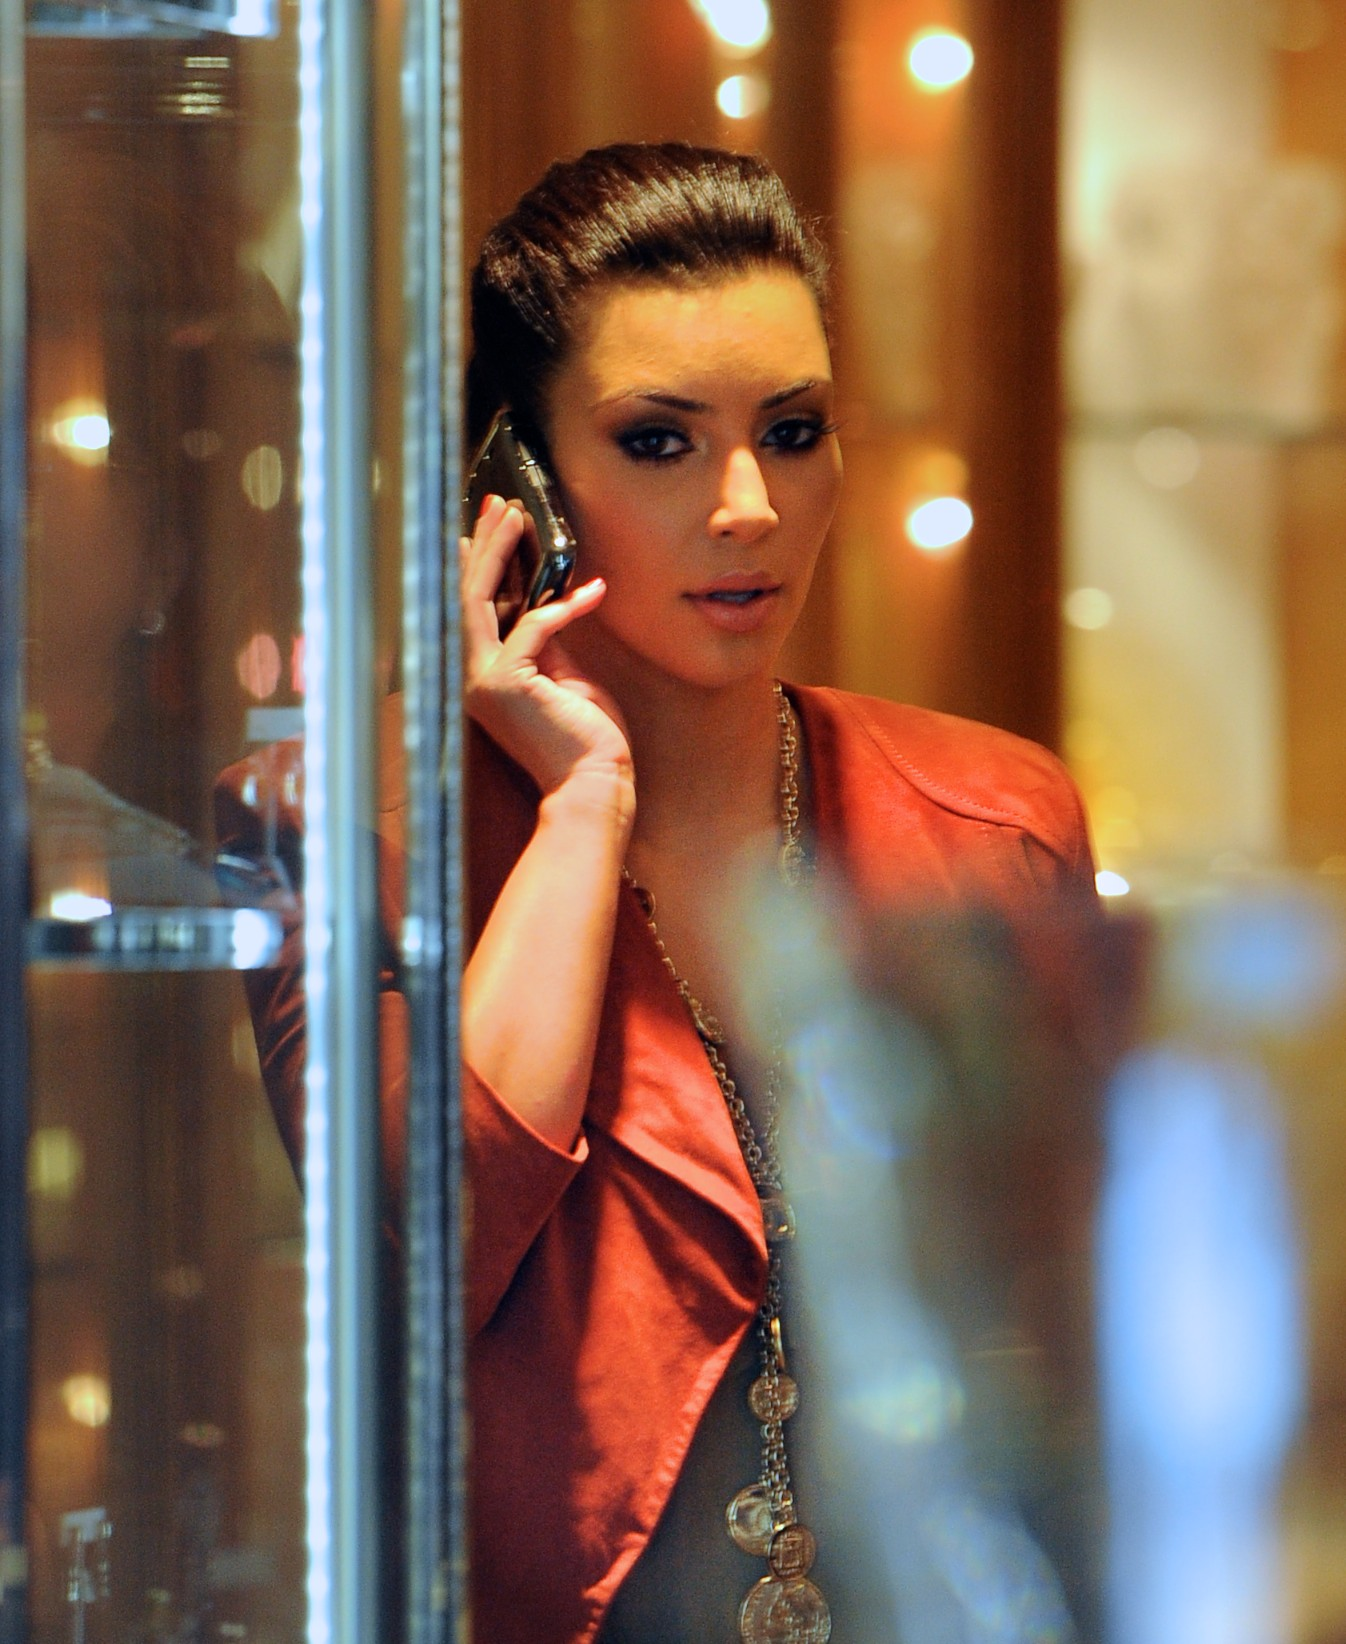 Kim Kardashian 2011 Kosty 555 info 0013